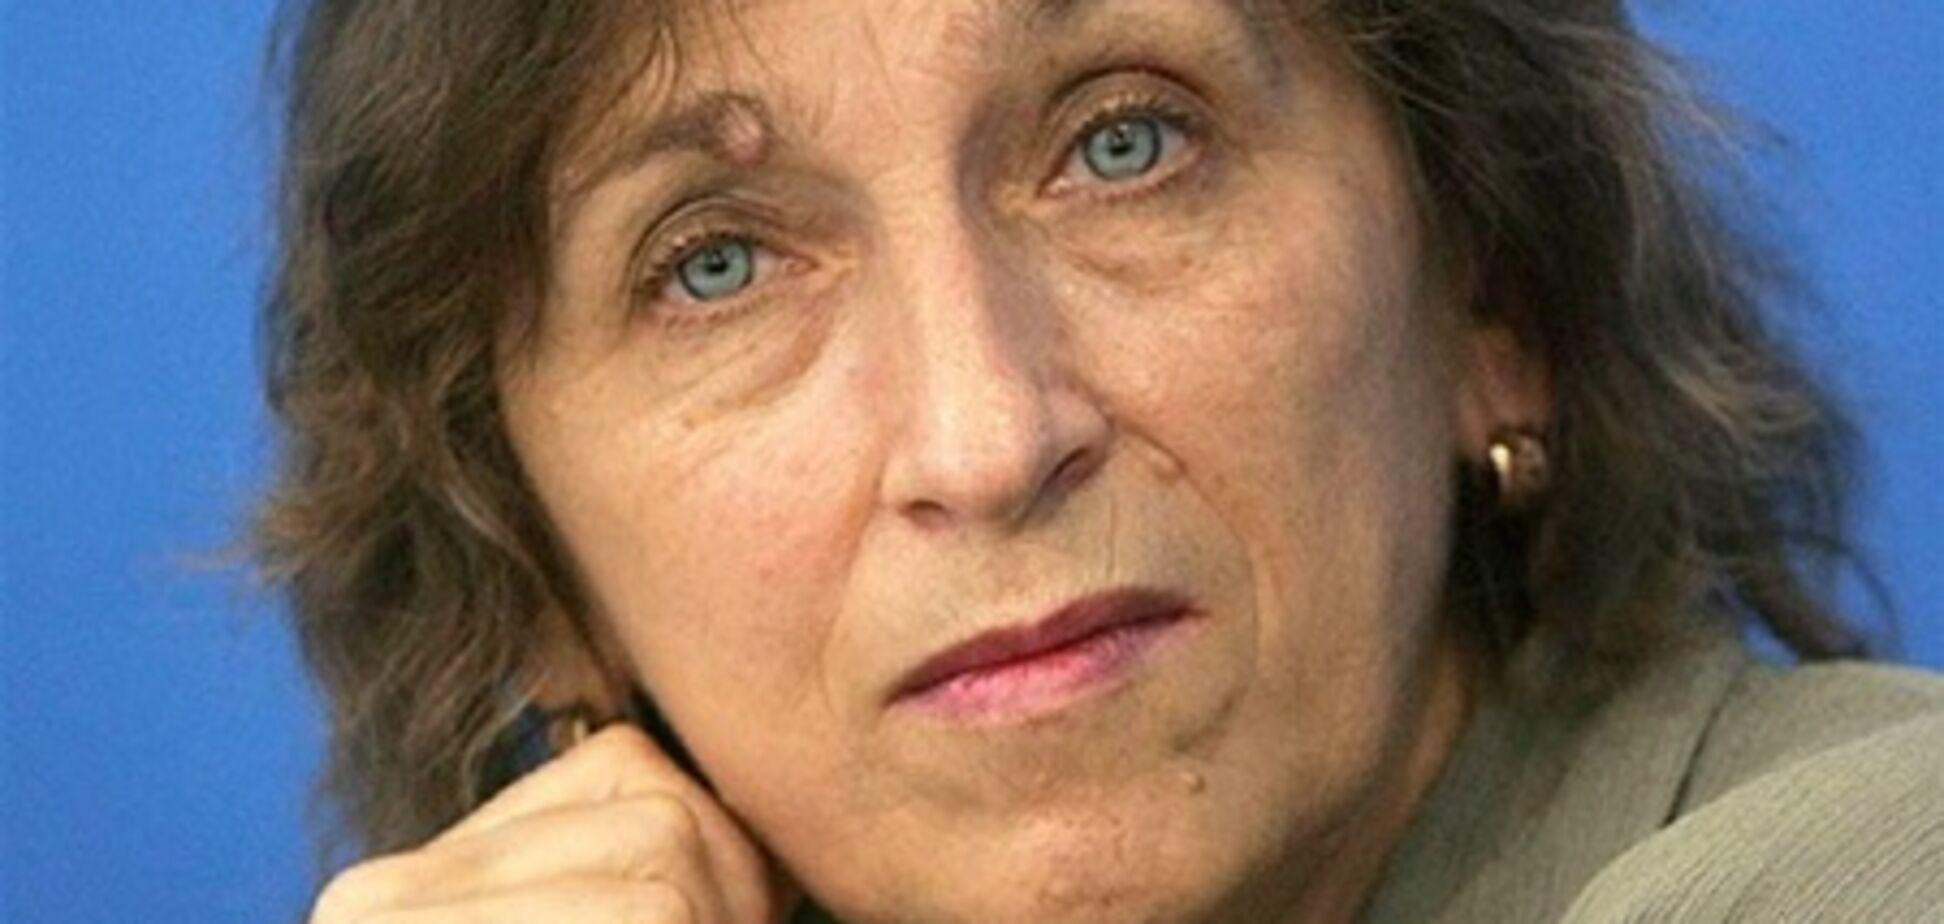 Бекешкіна: вибори-2012 не відповідатимуть демократичним стандартам